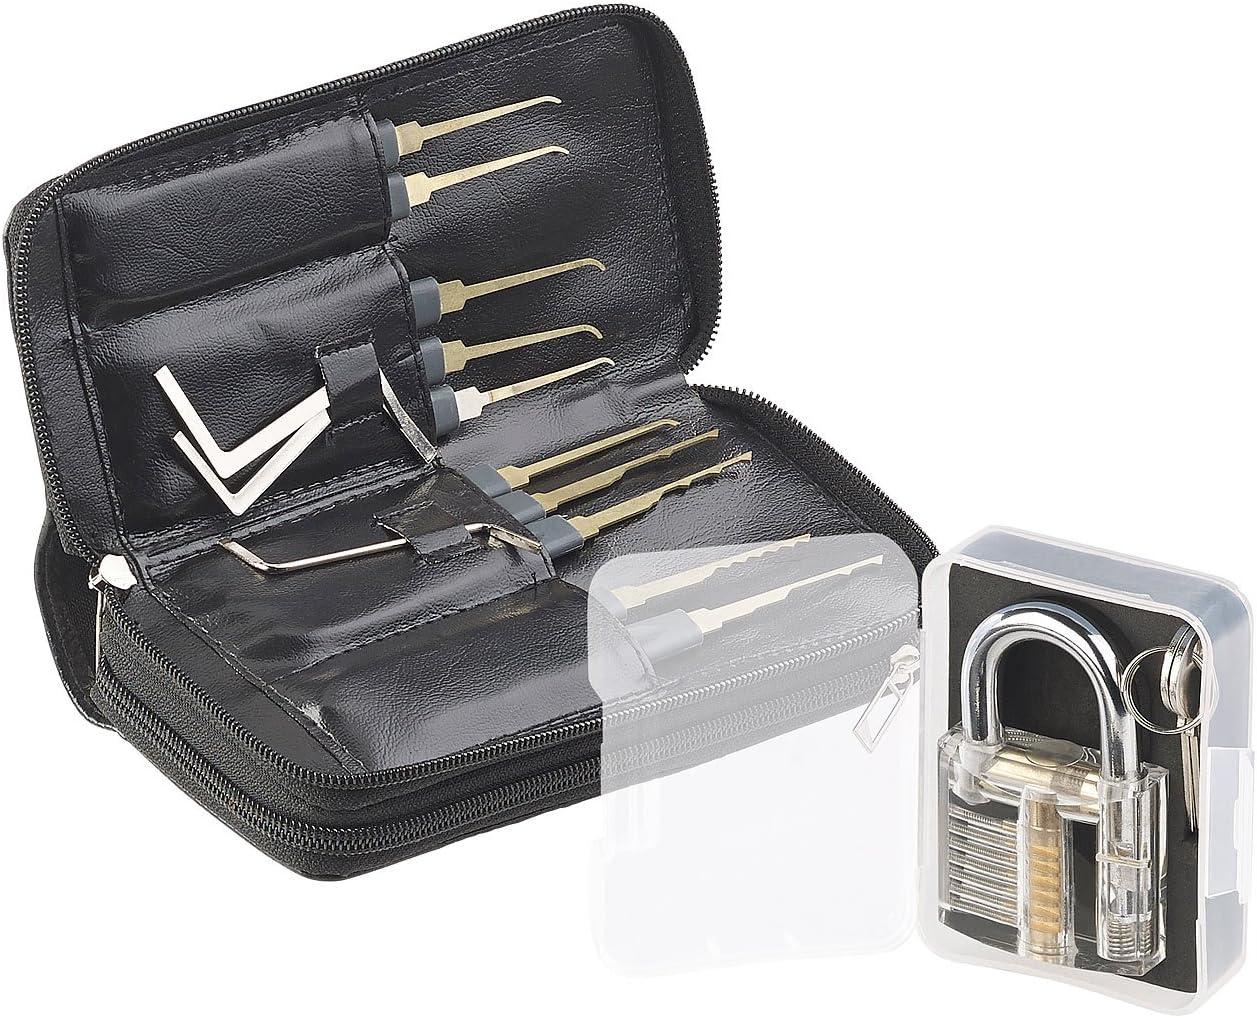 KNMY Lockpicking Set Extractor Tool f/ür Schlosserei 34 St/ück Dietrich Set mit 3 Transparenttem Vorh/ängeschloss und Dietrich-Set in Kreditkartengr/ö/ße Anf/änger und Profisrleicht